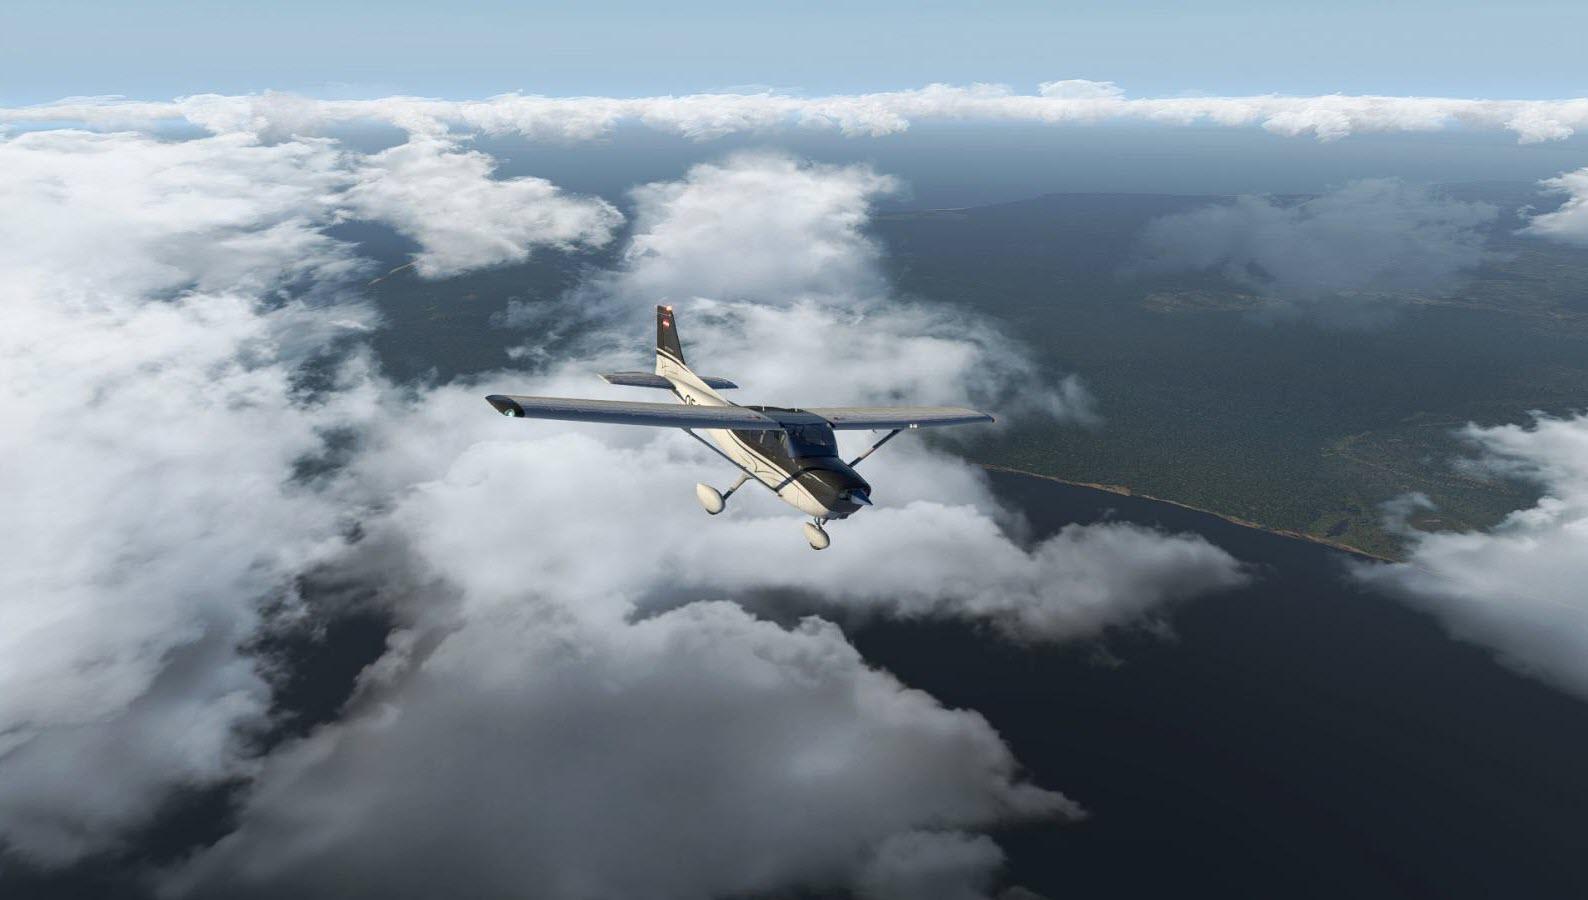 Ảnh máy bay trên mây đẹp